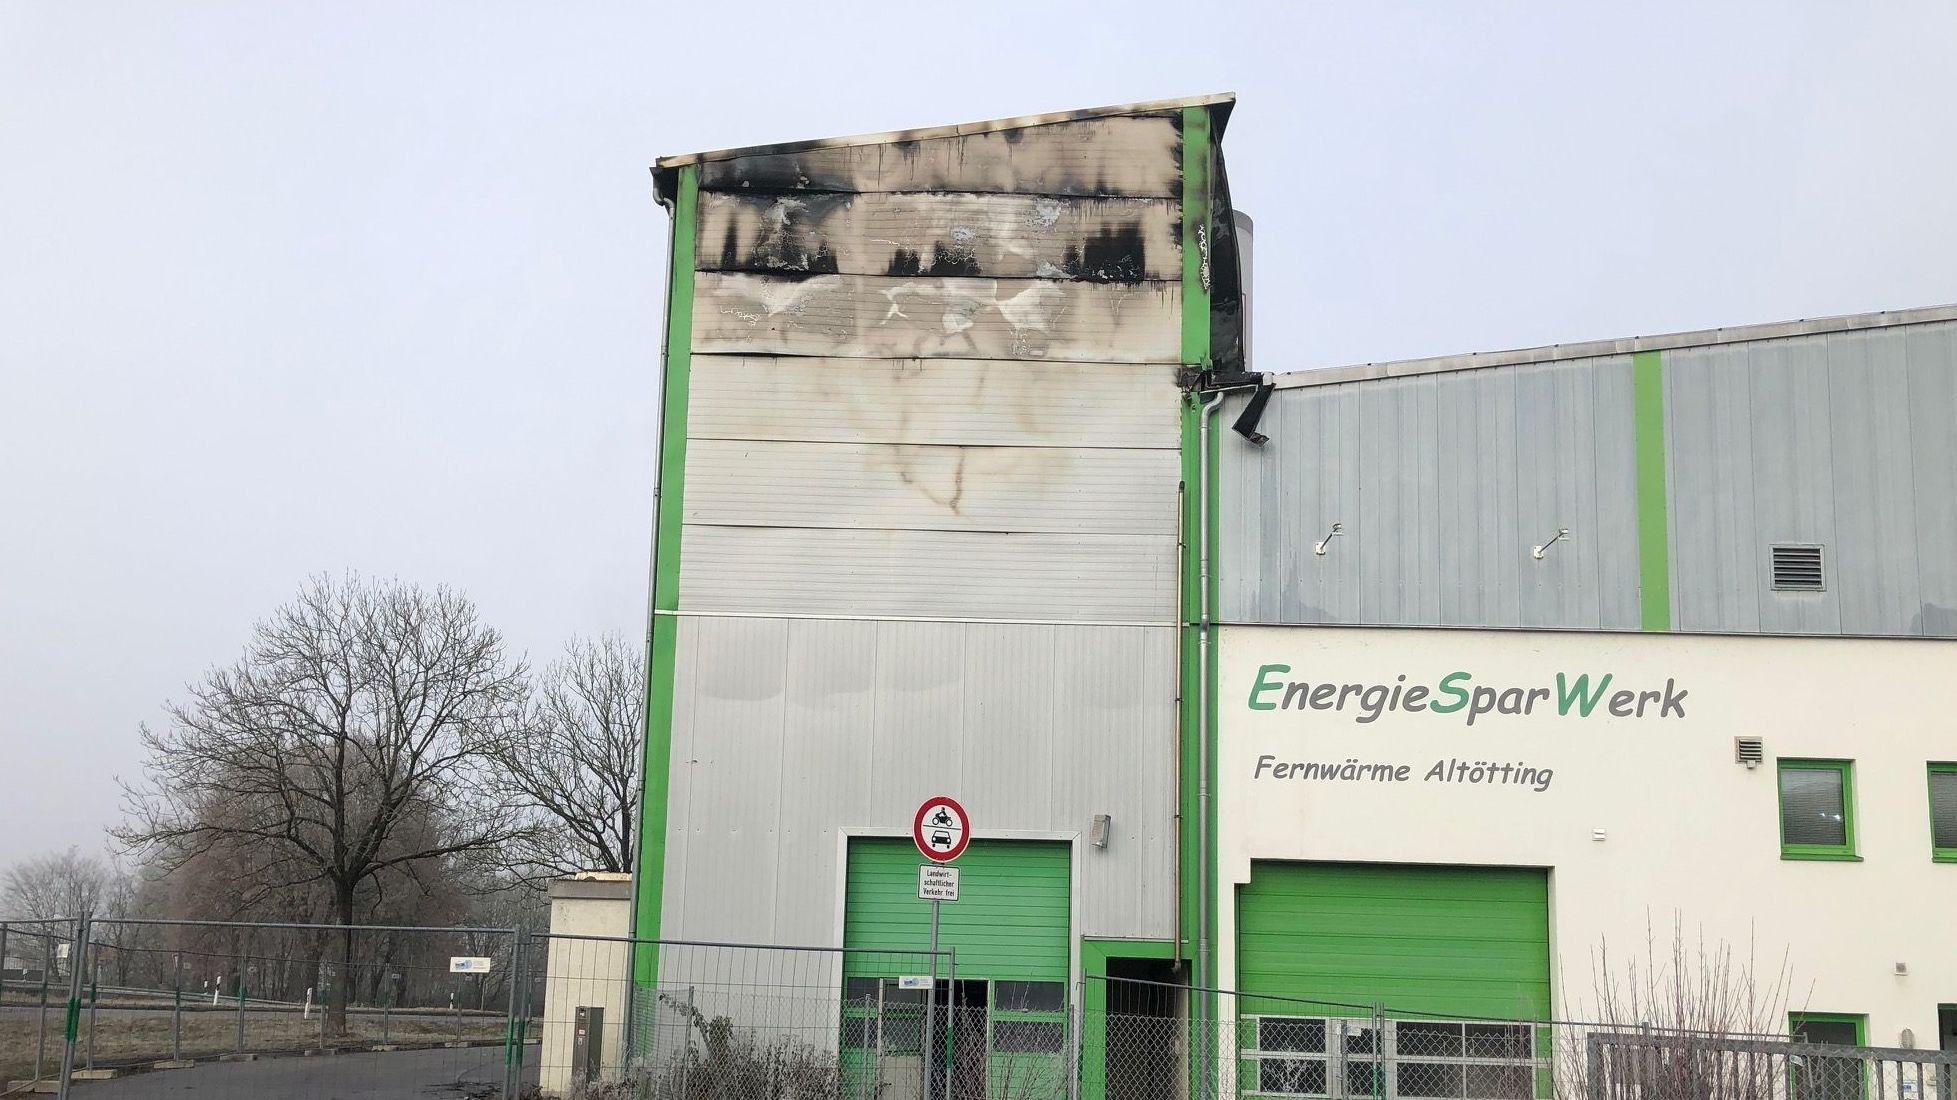 Hoher Sachschaden durch Brand in Altöttinger Fernwärme-Kraftwerk